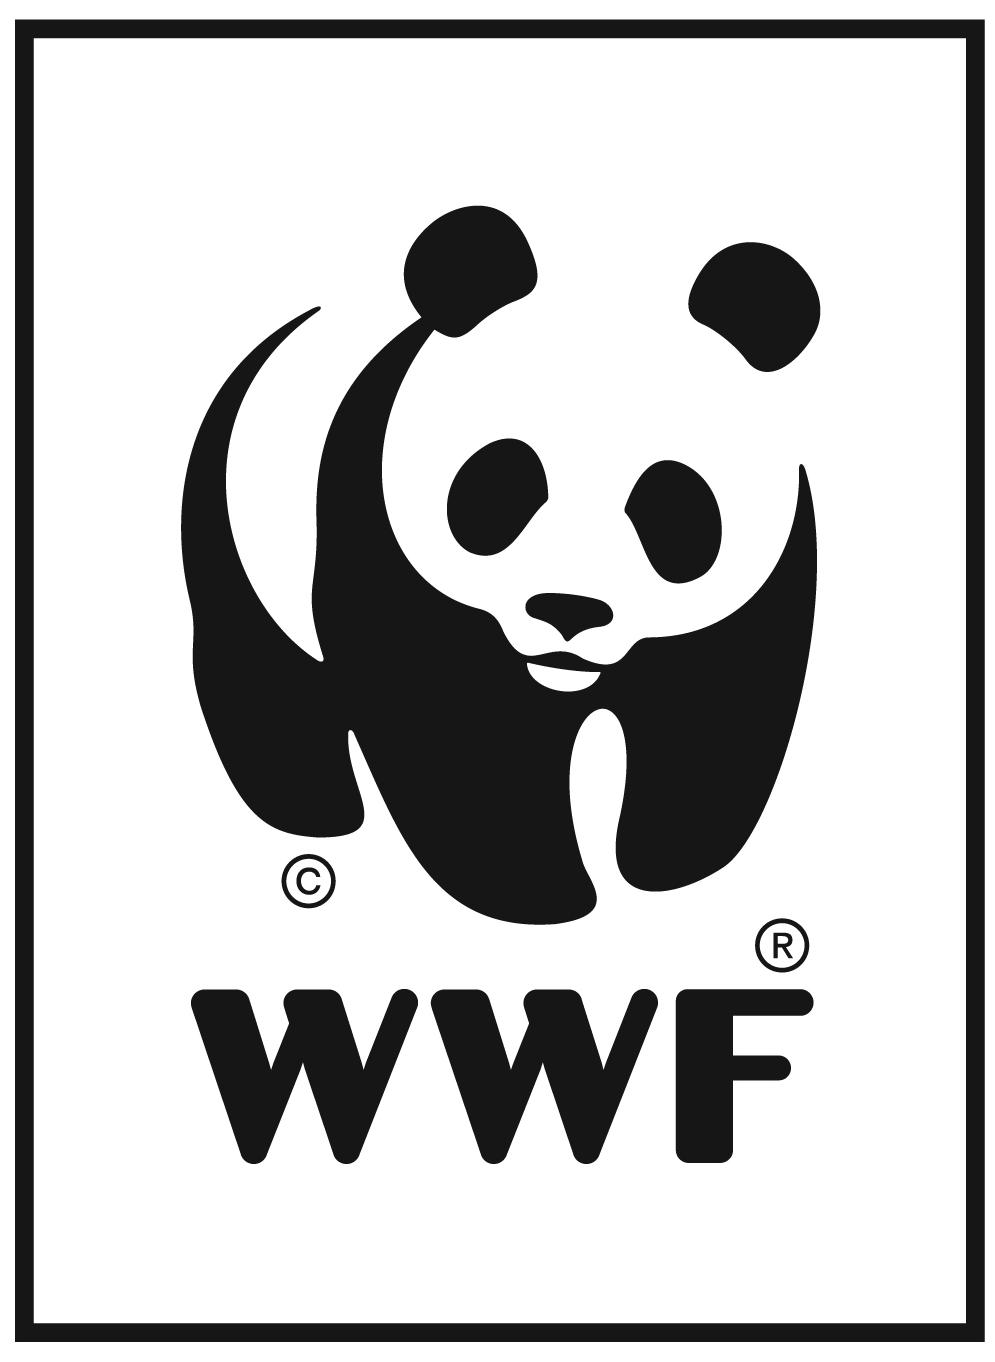 wwf éco-responsable séjour engagements